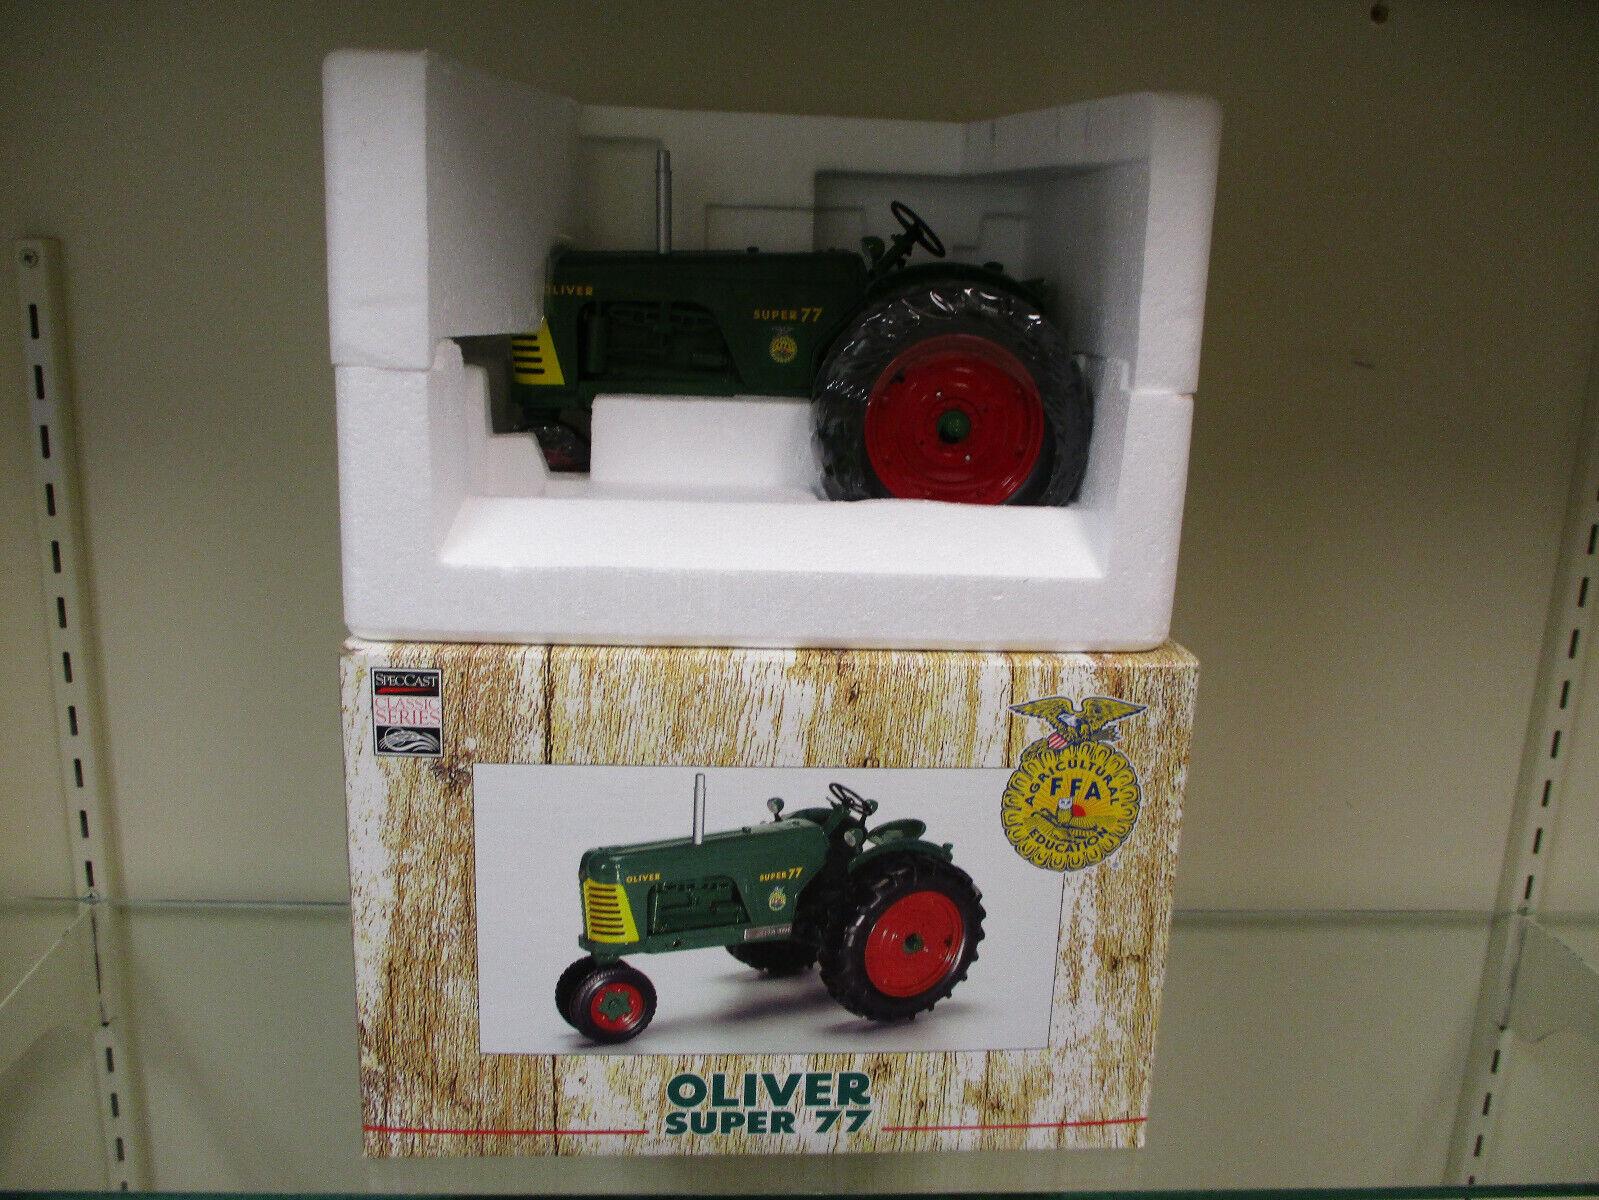 OLIVER Super 77 2004 Iowa FFA 75th Anniversaire Edition By specCast échelle 1 16th